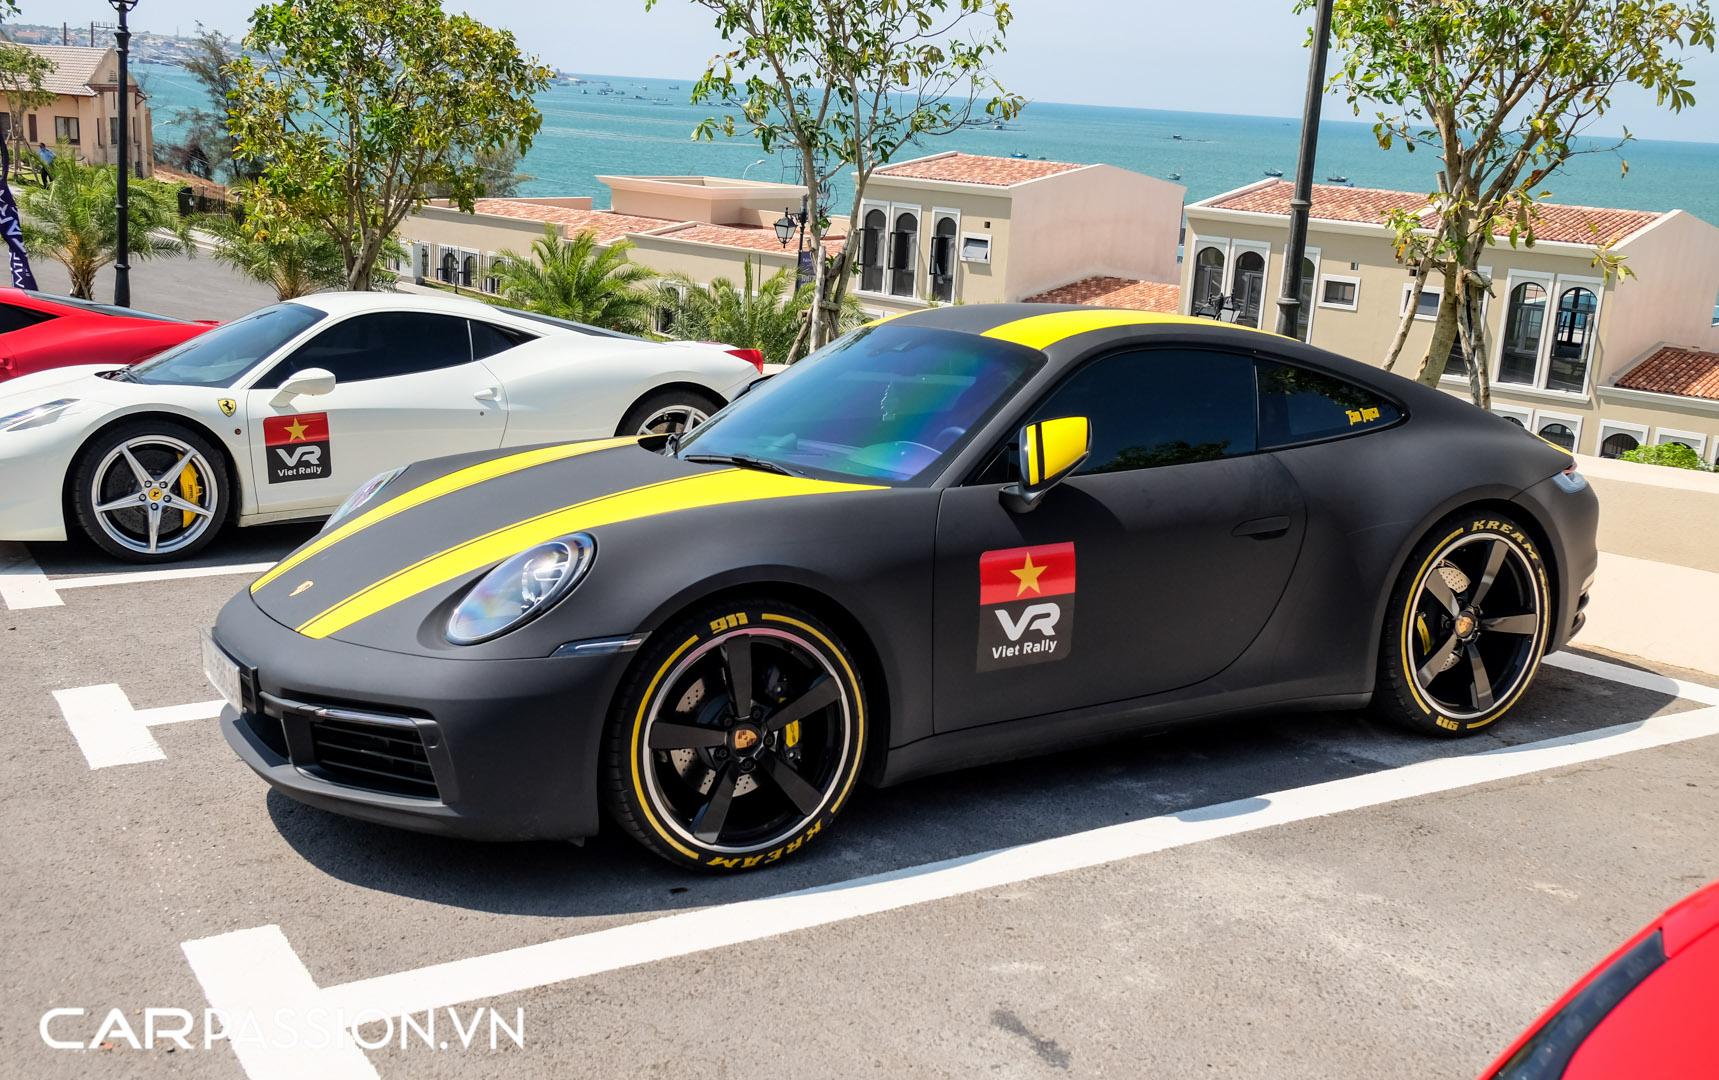 Porsche 911 của vợ chồng YouTuber (14).JPG